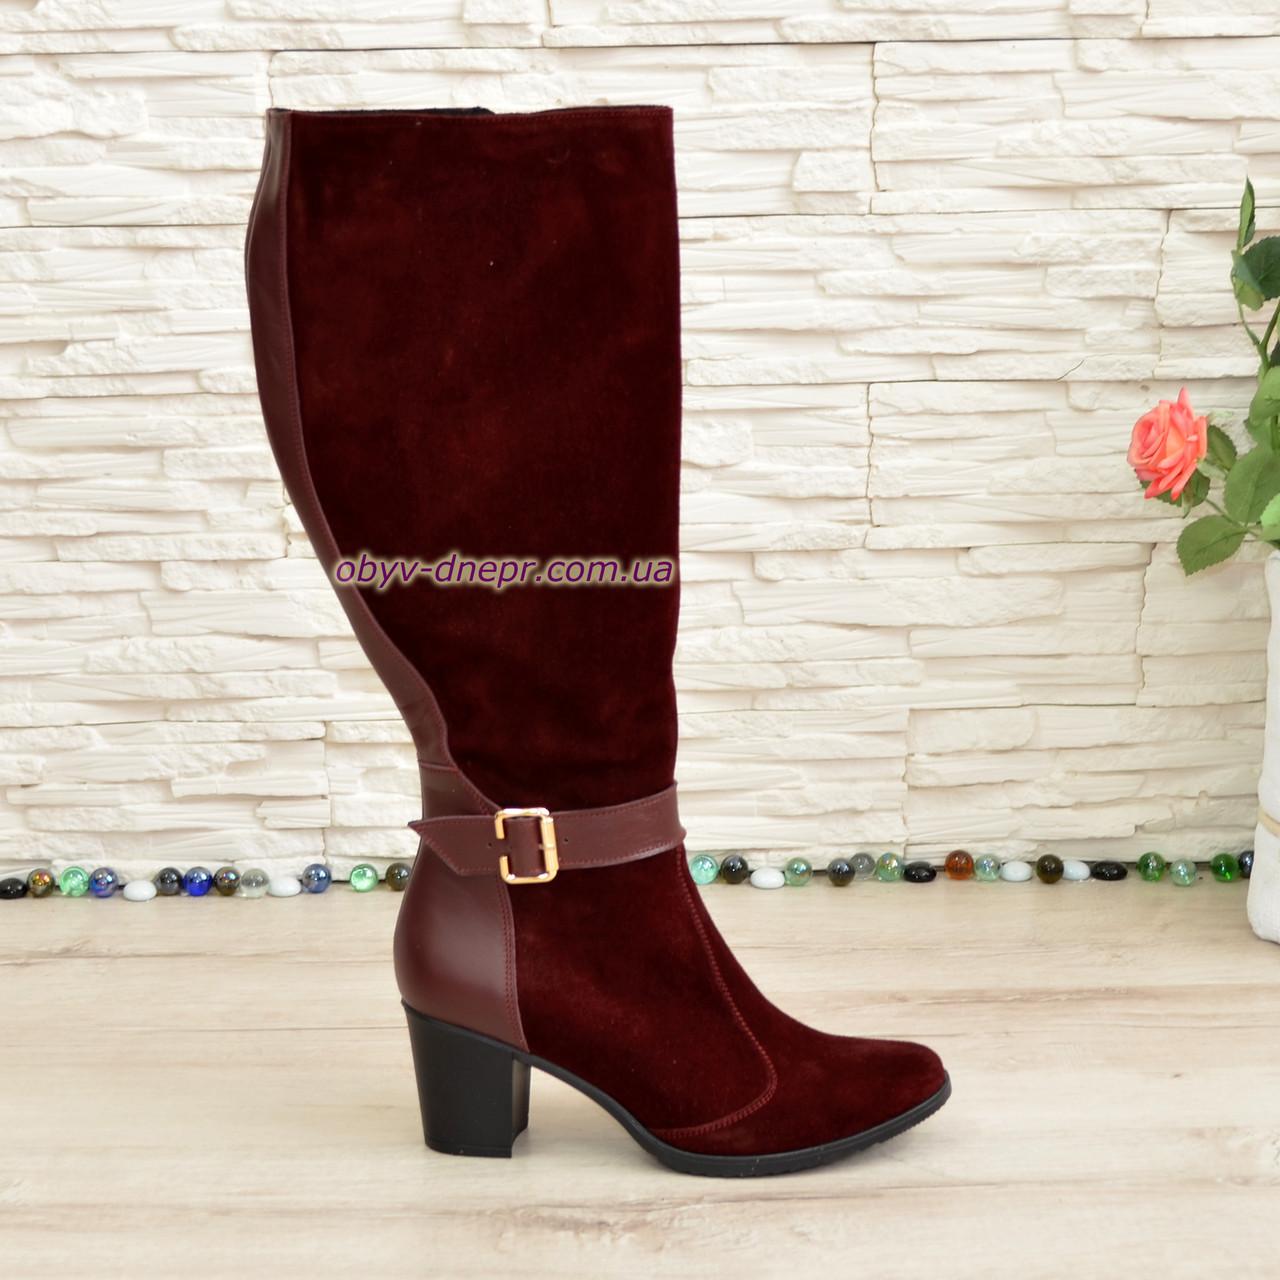 Женские бордовые сапоги на невысоком каблуке, натуральная кожа и замша